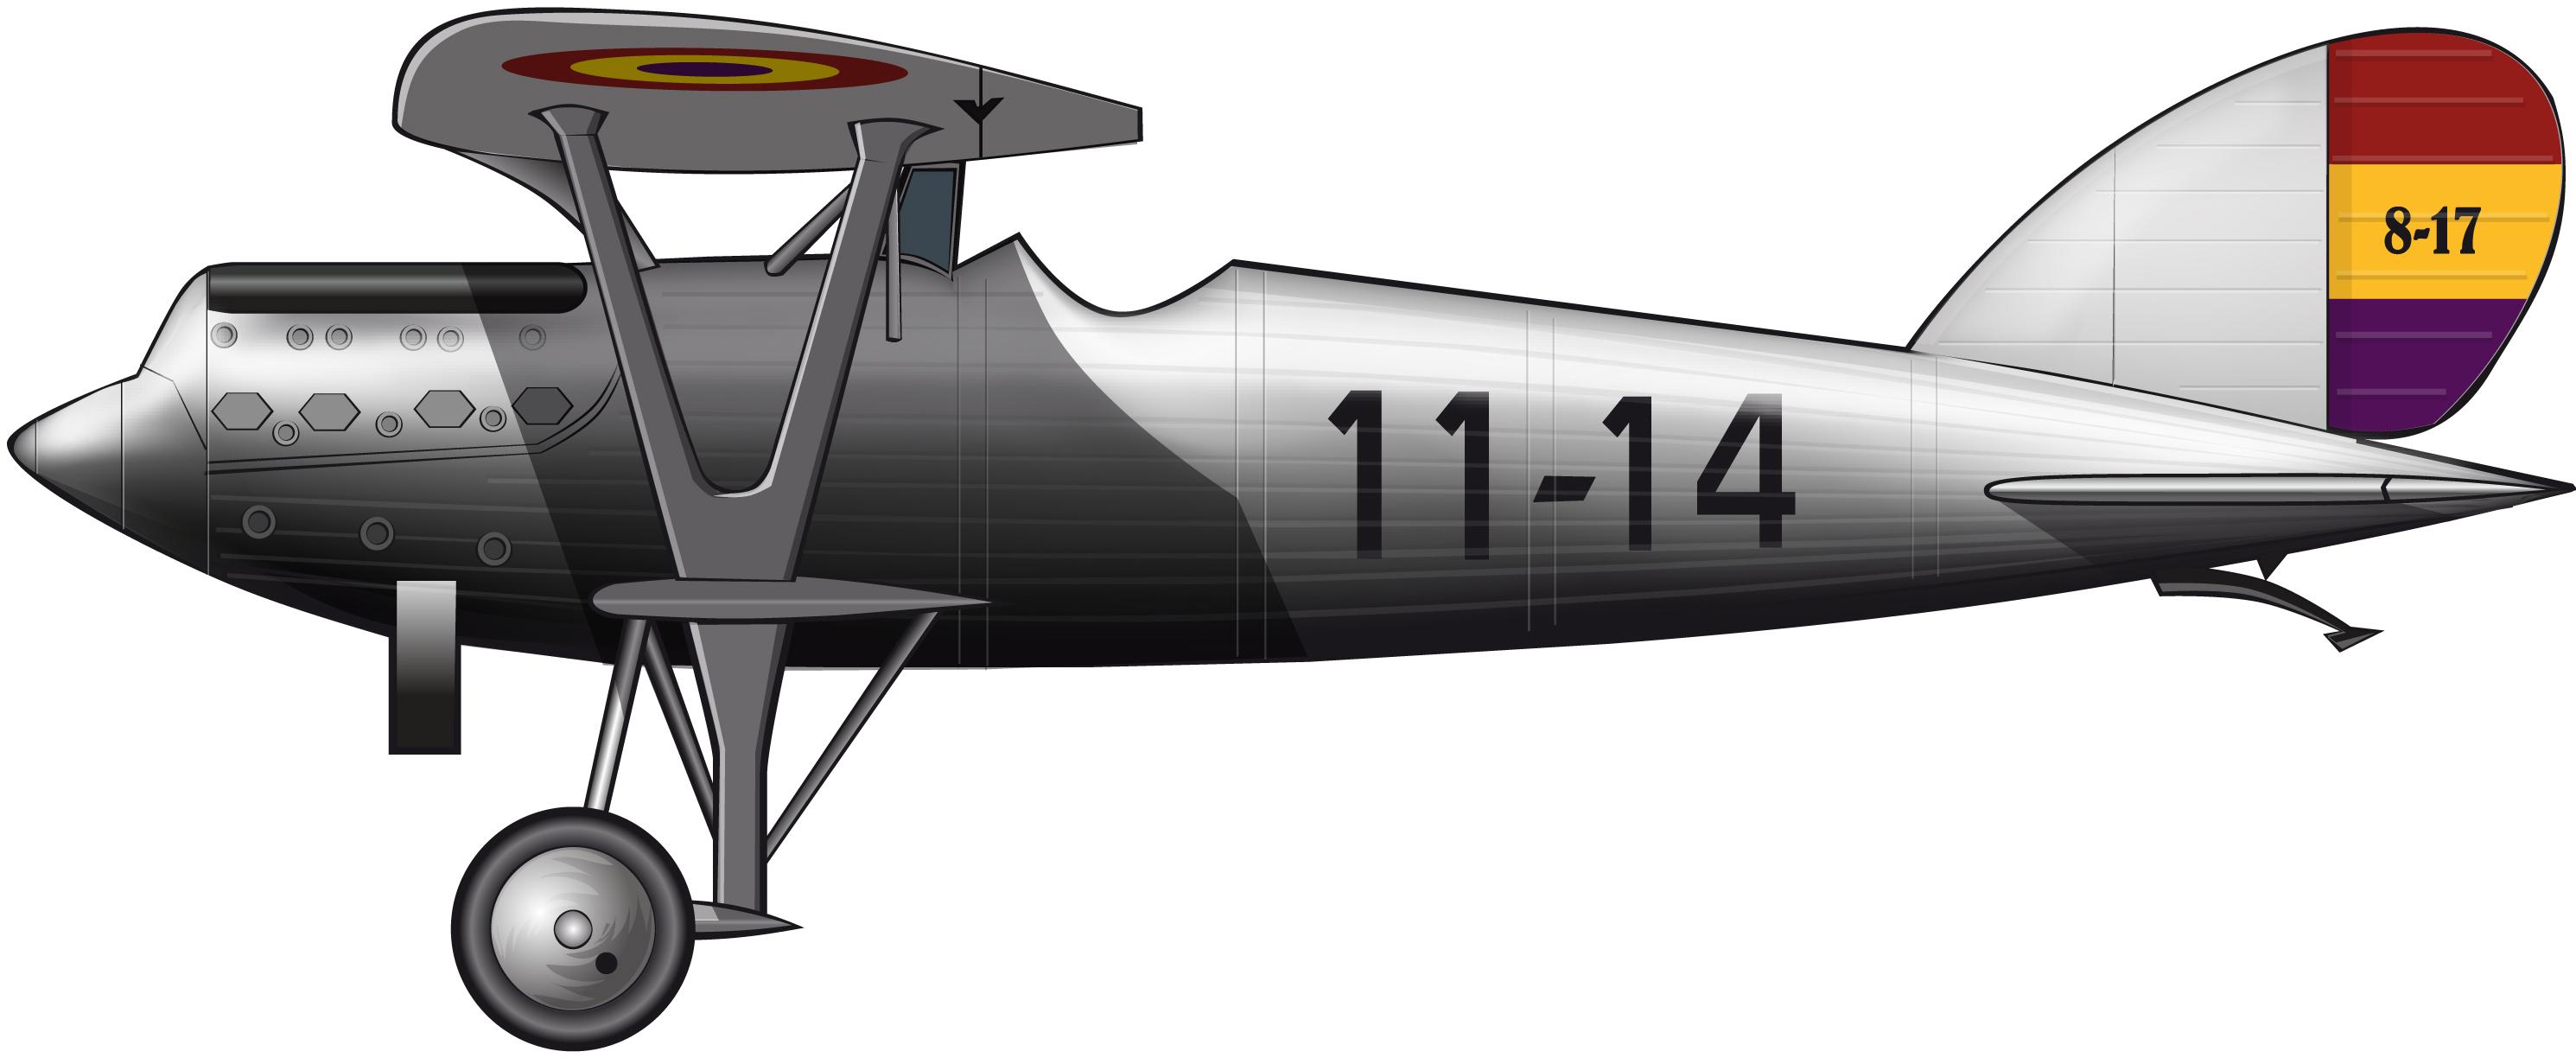 nieuportdelage52-1932